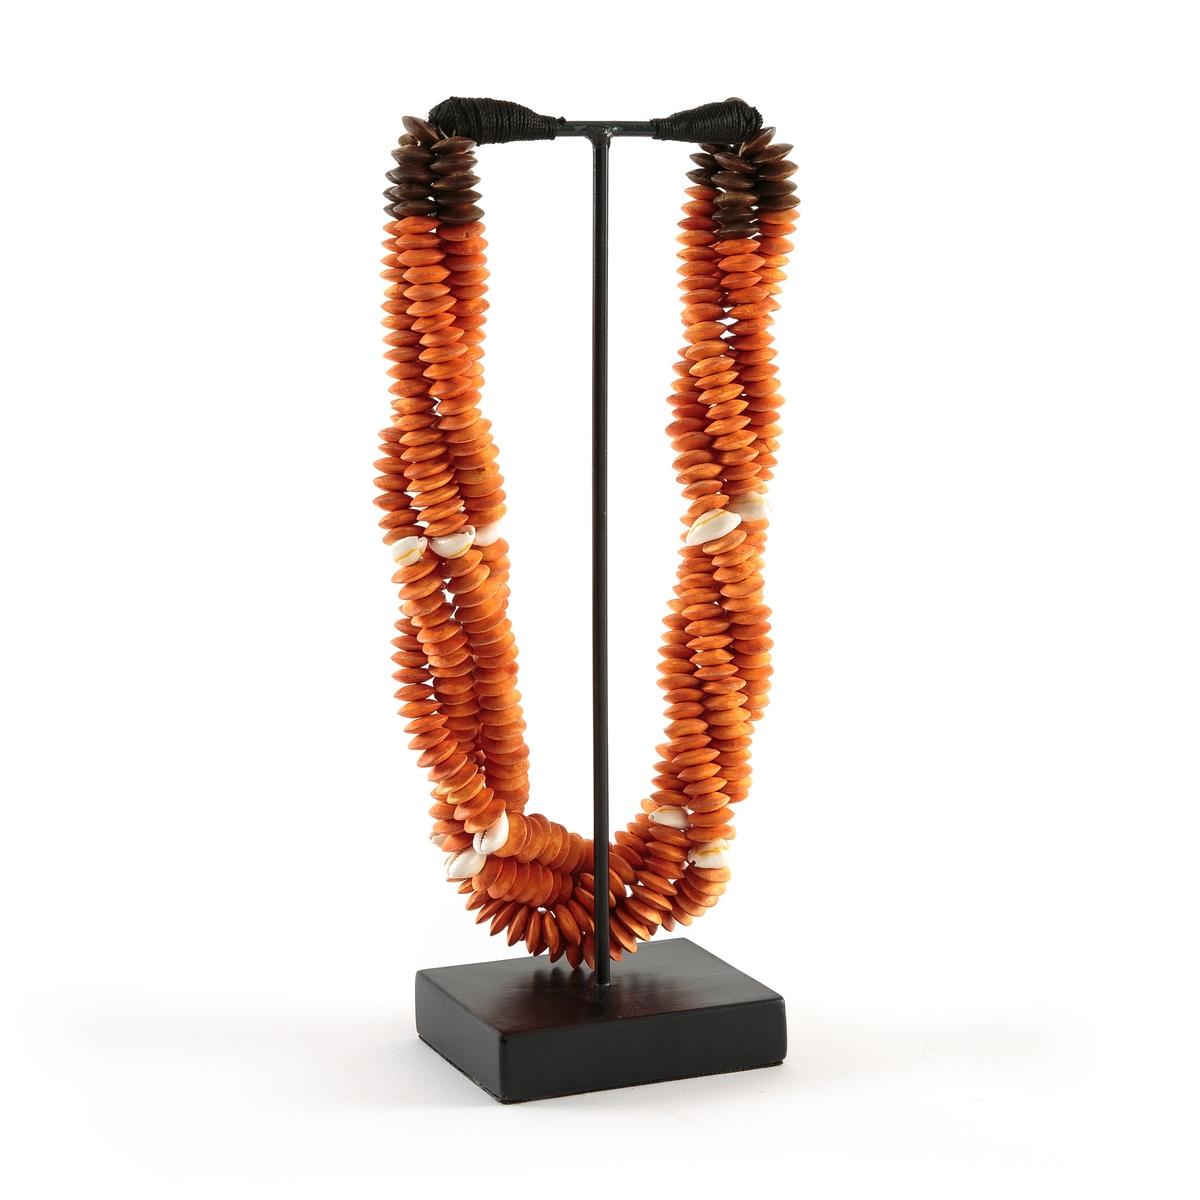 Декор из ракушек, TimorusПредмет декора Timorus. Добавьте нотку в этническом стиле в ваш декор с этим колье с острова Тимора из Южной Азии  . Из ракушек на веревке и основанием из металла . Ручная работа, каждое изделие уникально . Размеры : L15 x H40 x P10 см .<br><br>Цвет: оранжевый